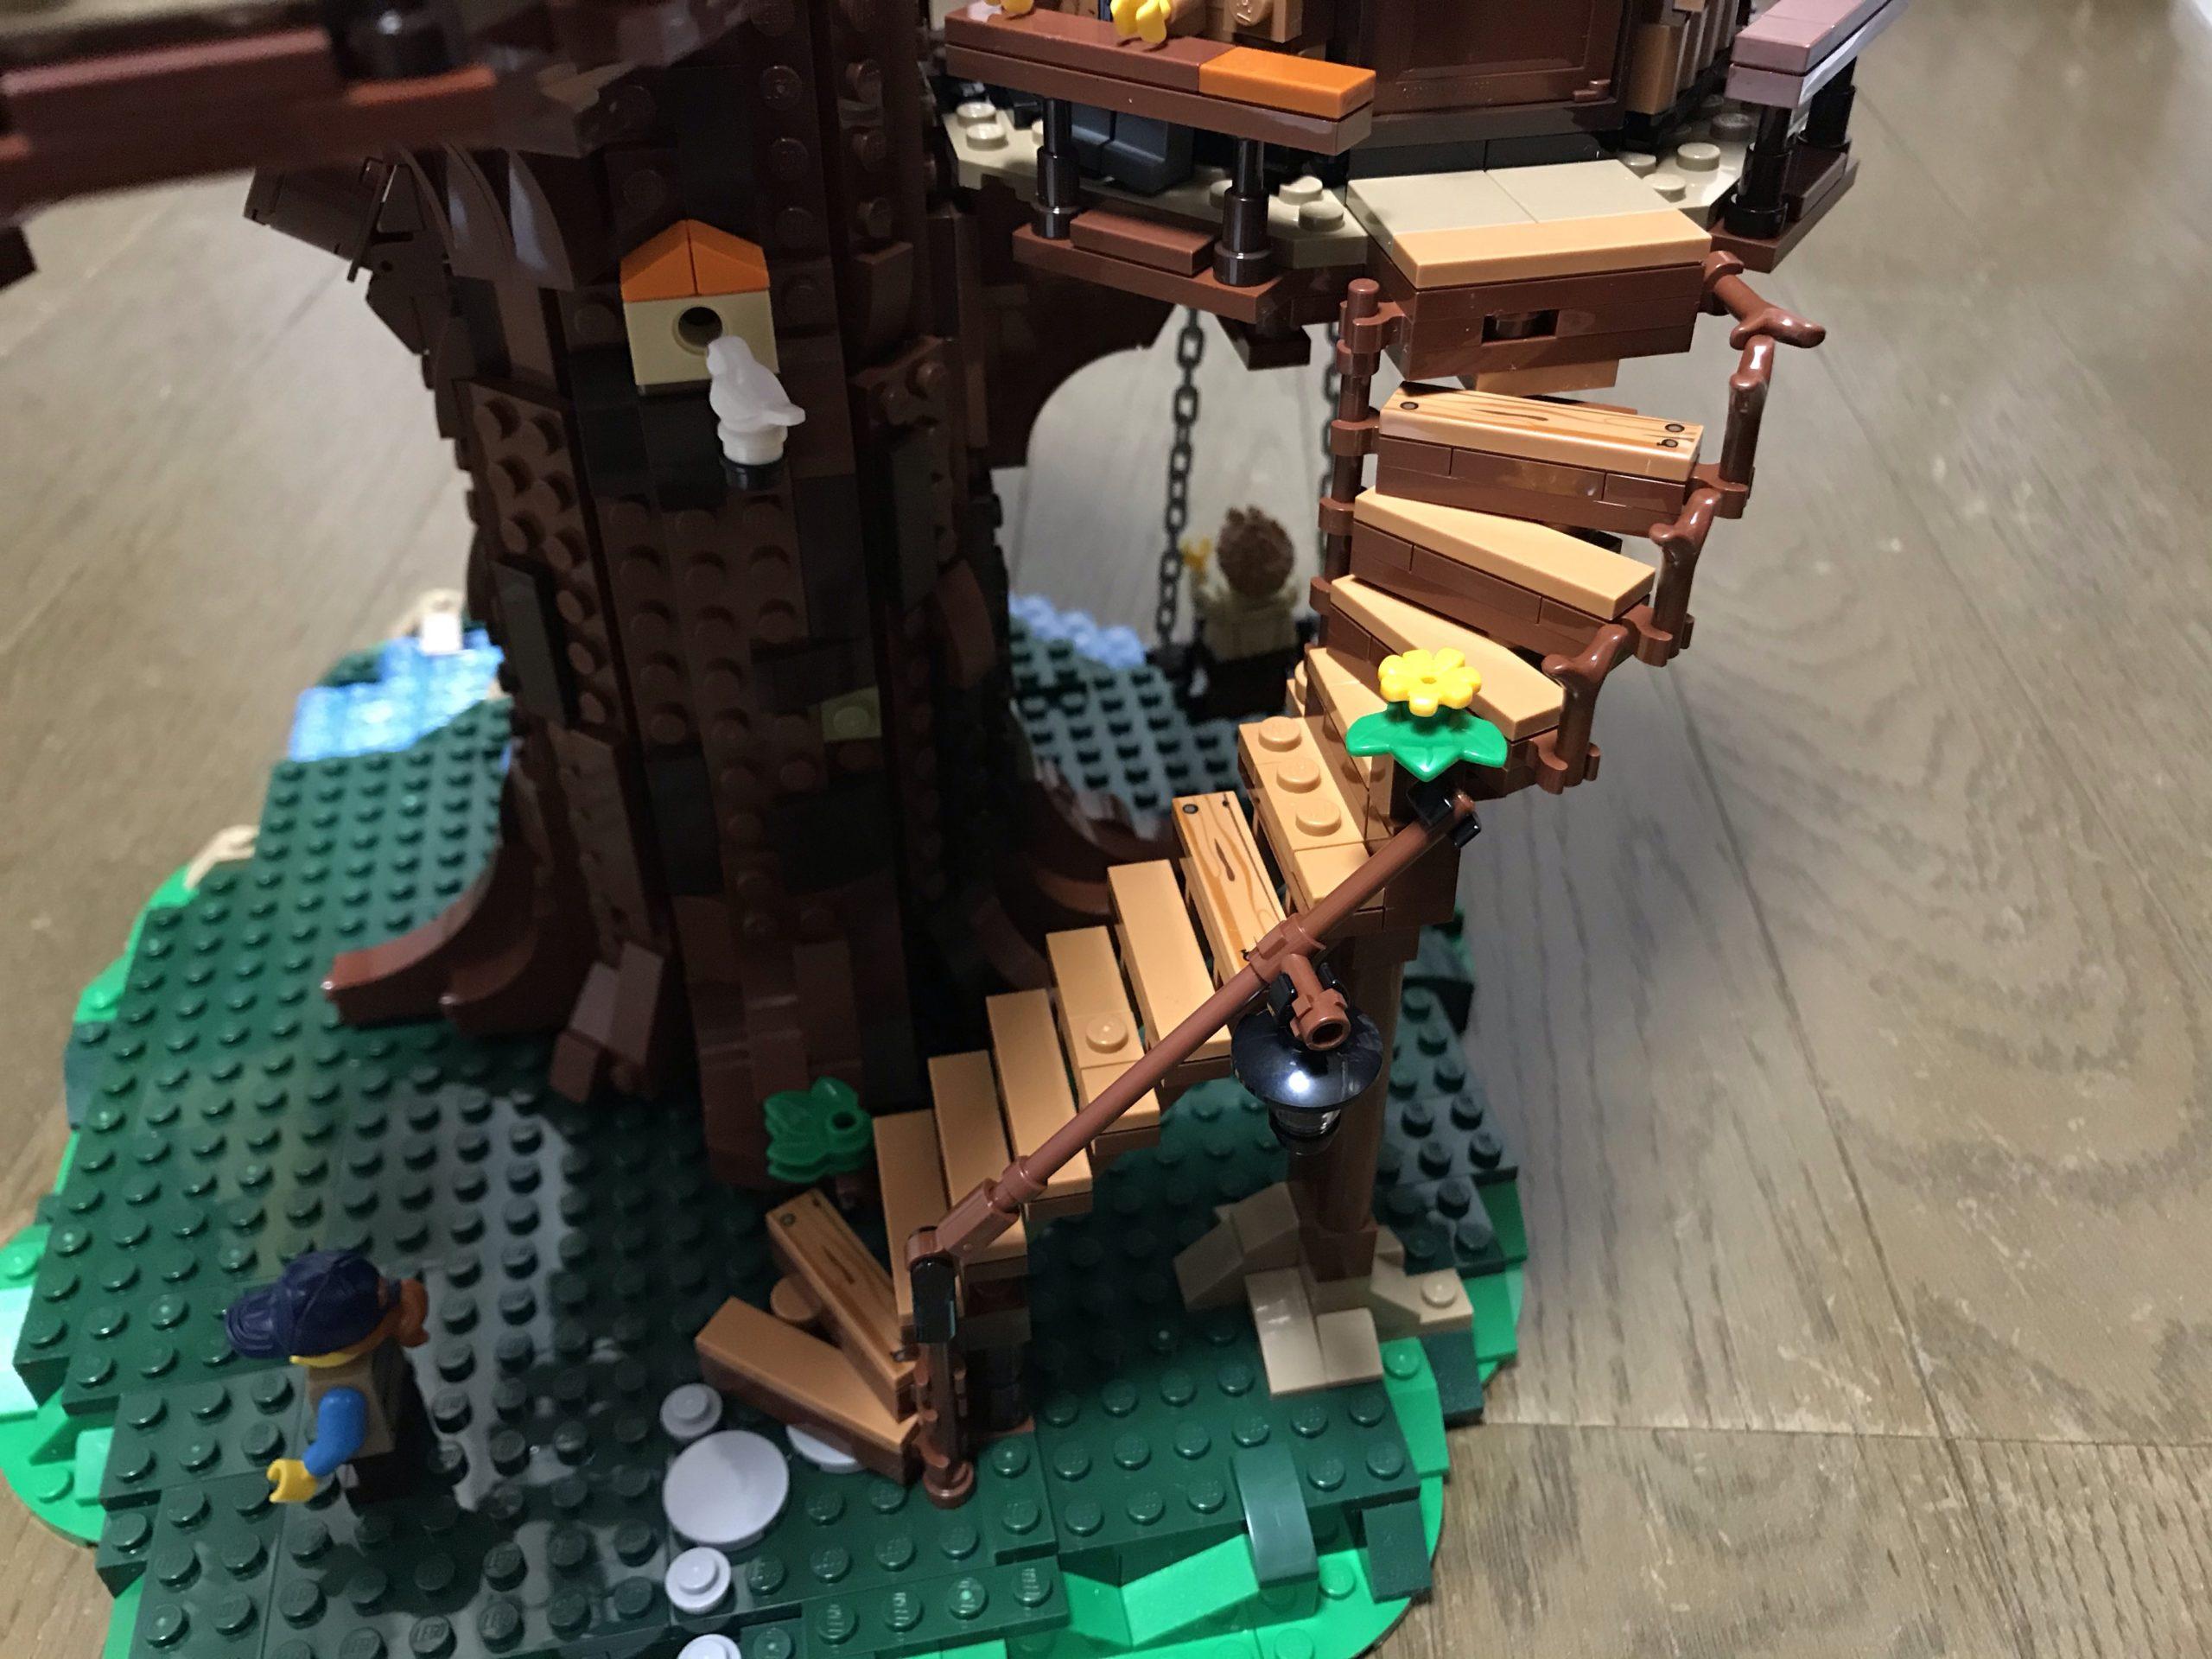 LEGOツリーハウス(21318)組み立て15~16 完成まであと一息